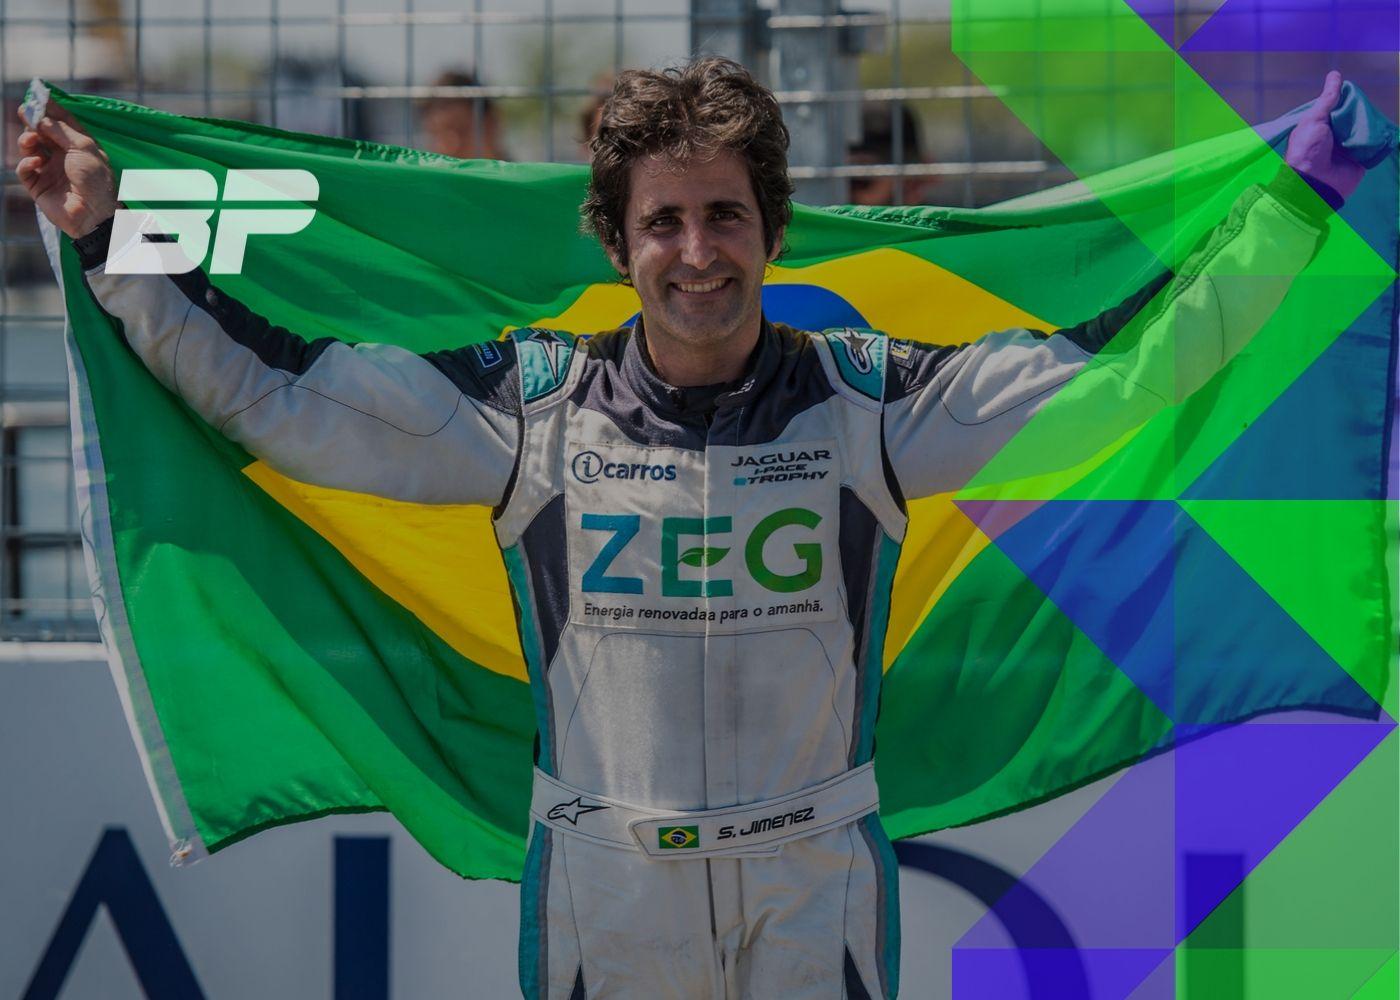 Foto de Jimenez vai testes um carro de Fórmula E em Valência